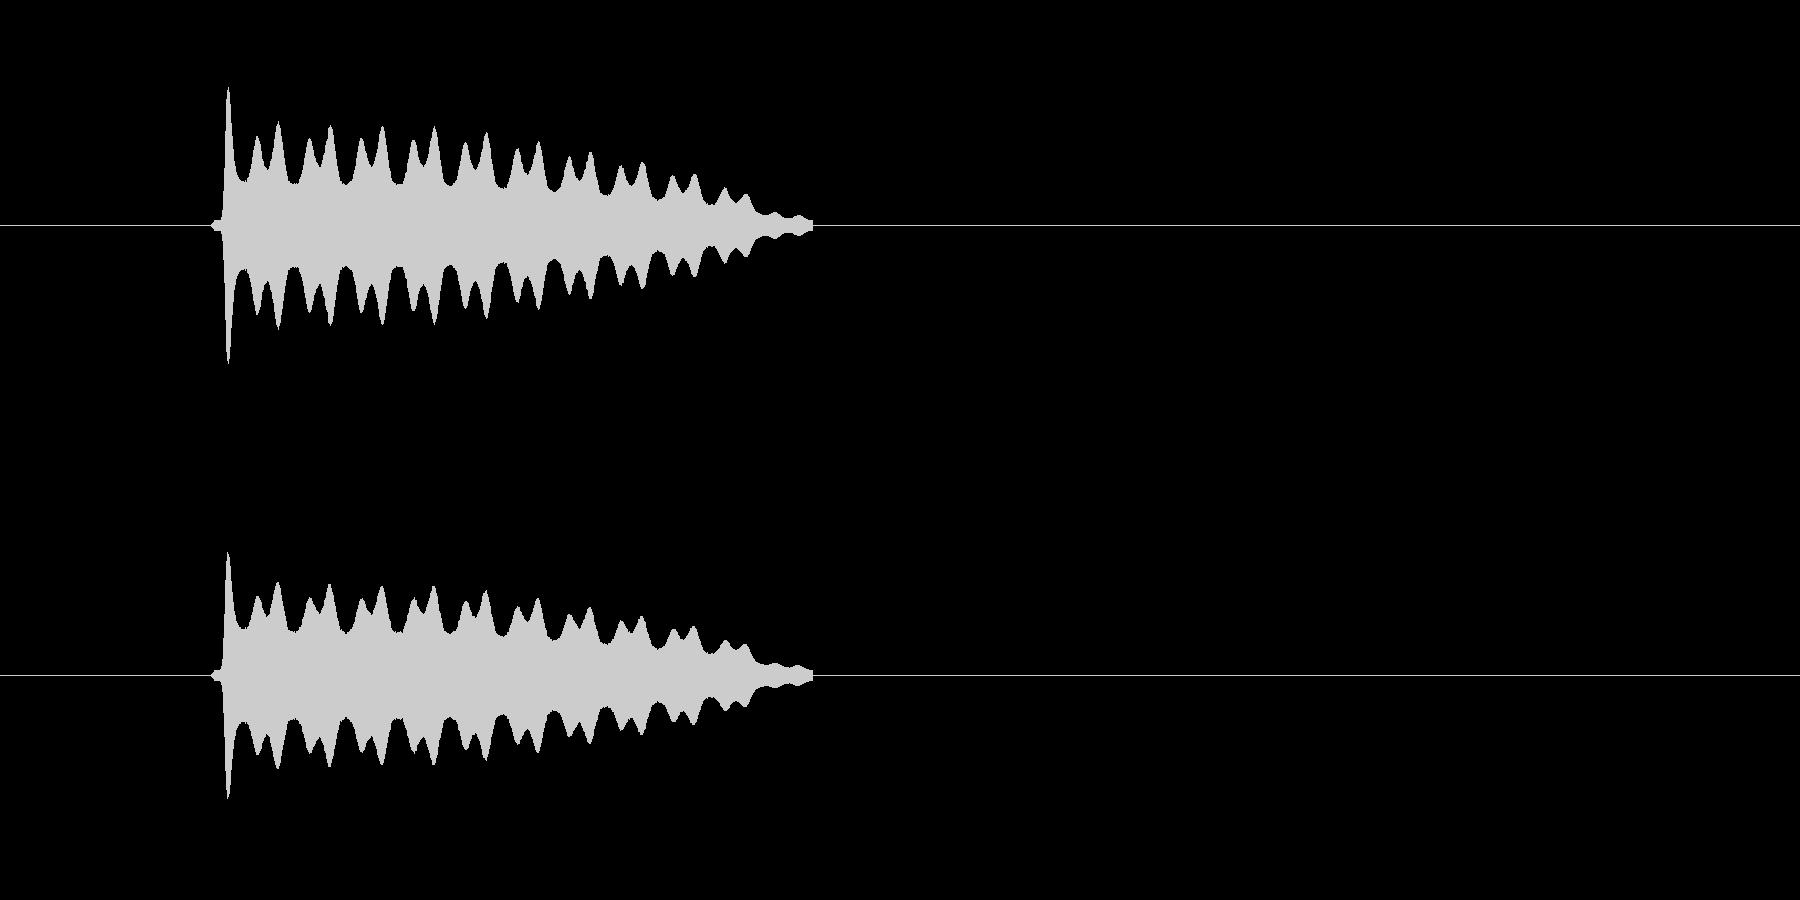 ピピピピピ!高音で響く電子音の未再生の波形